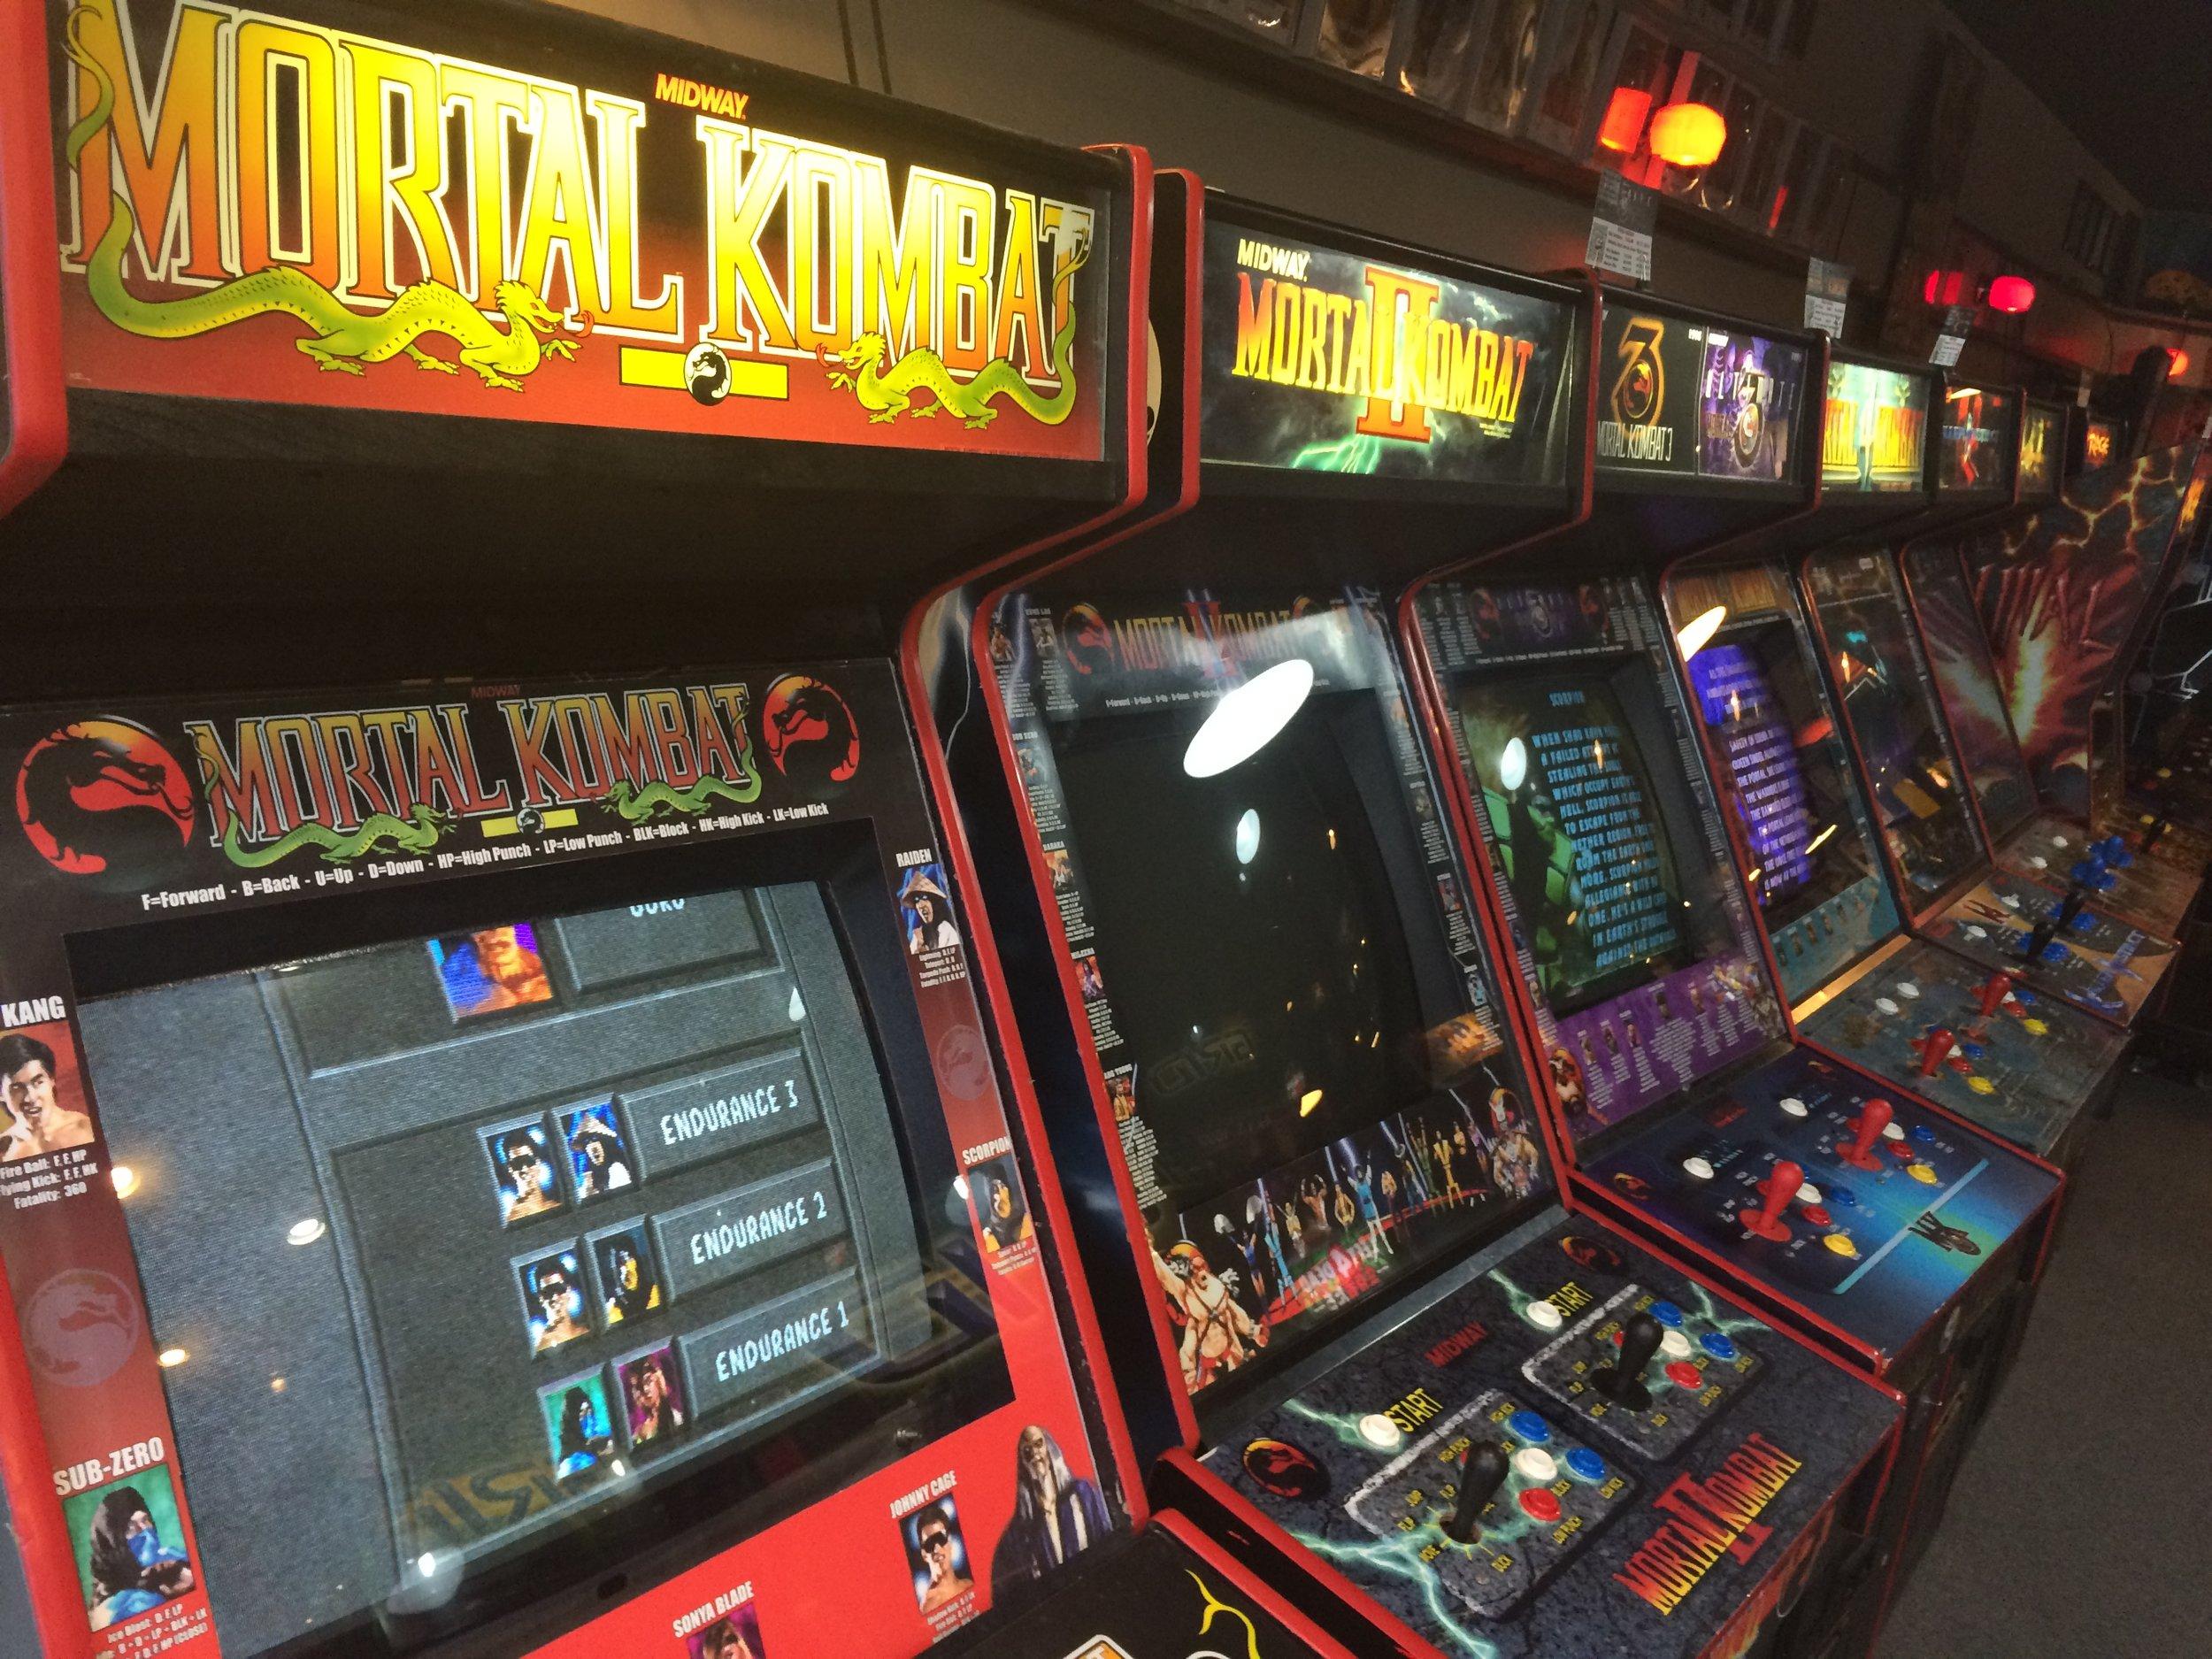 All the Mortal Kombat machines.